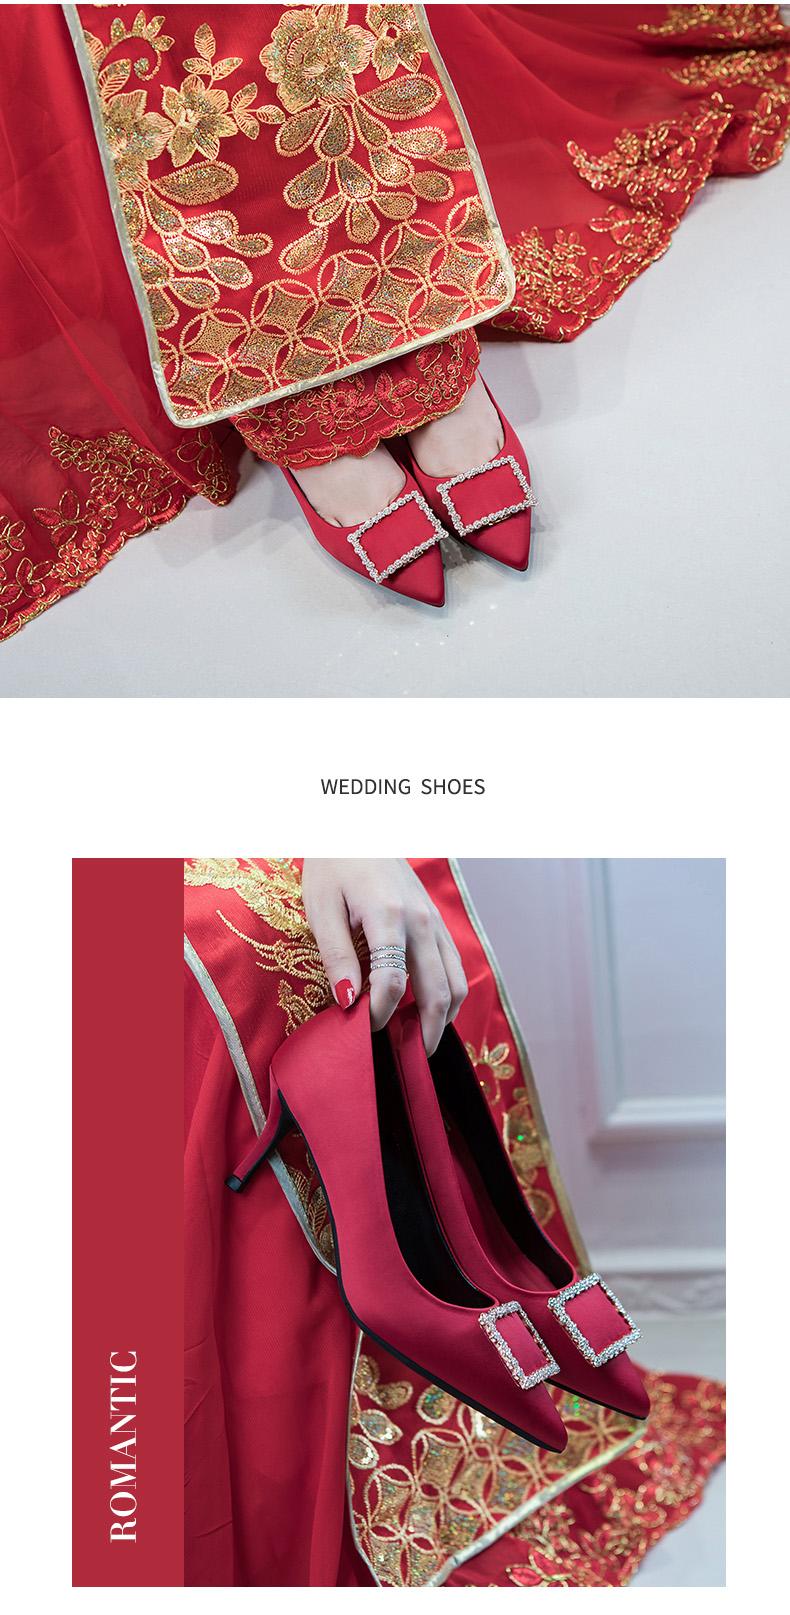 2种跟高 优雅方形钻扣款缎面高跟婚鞋